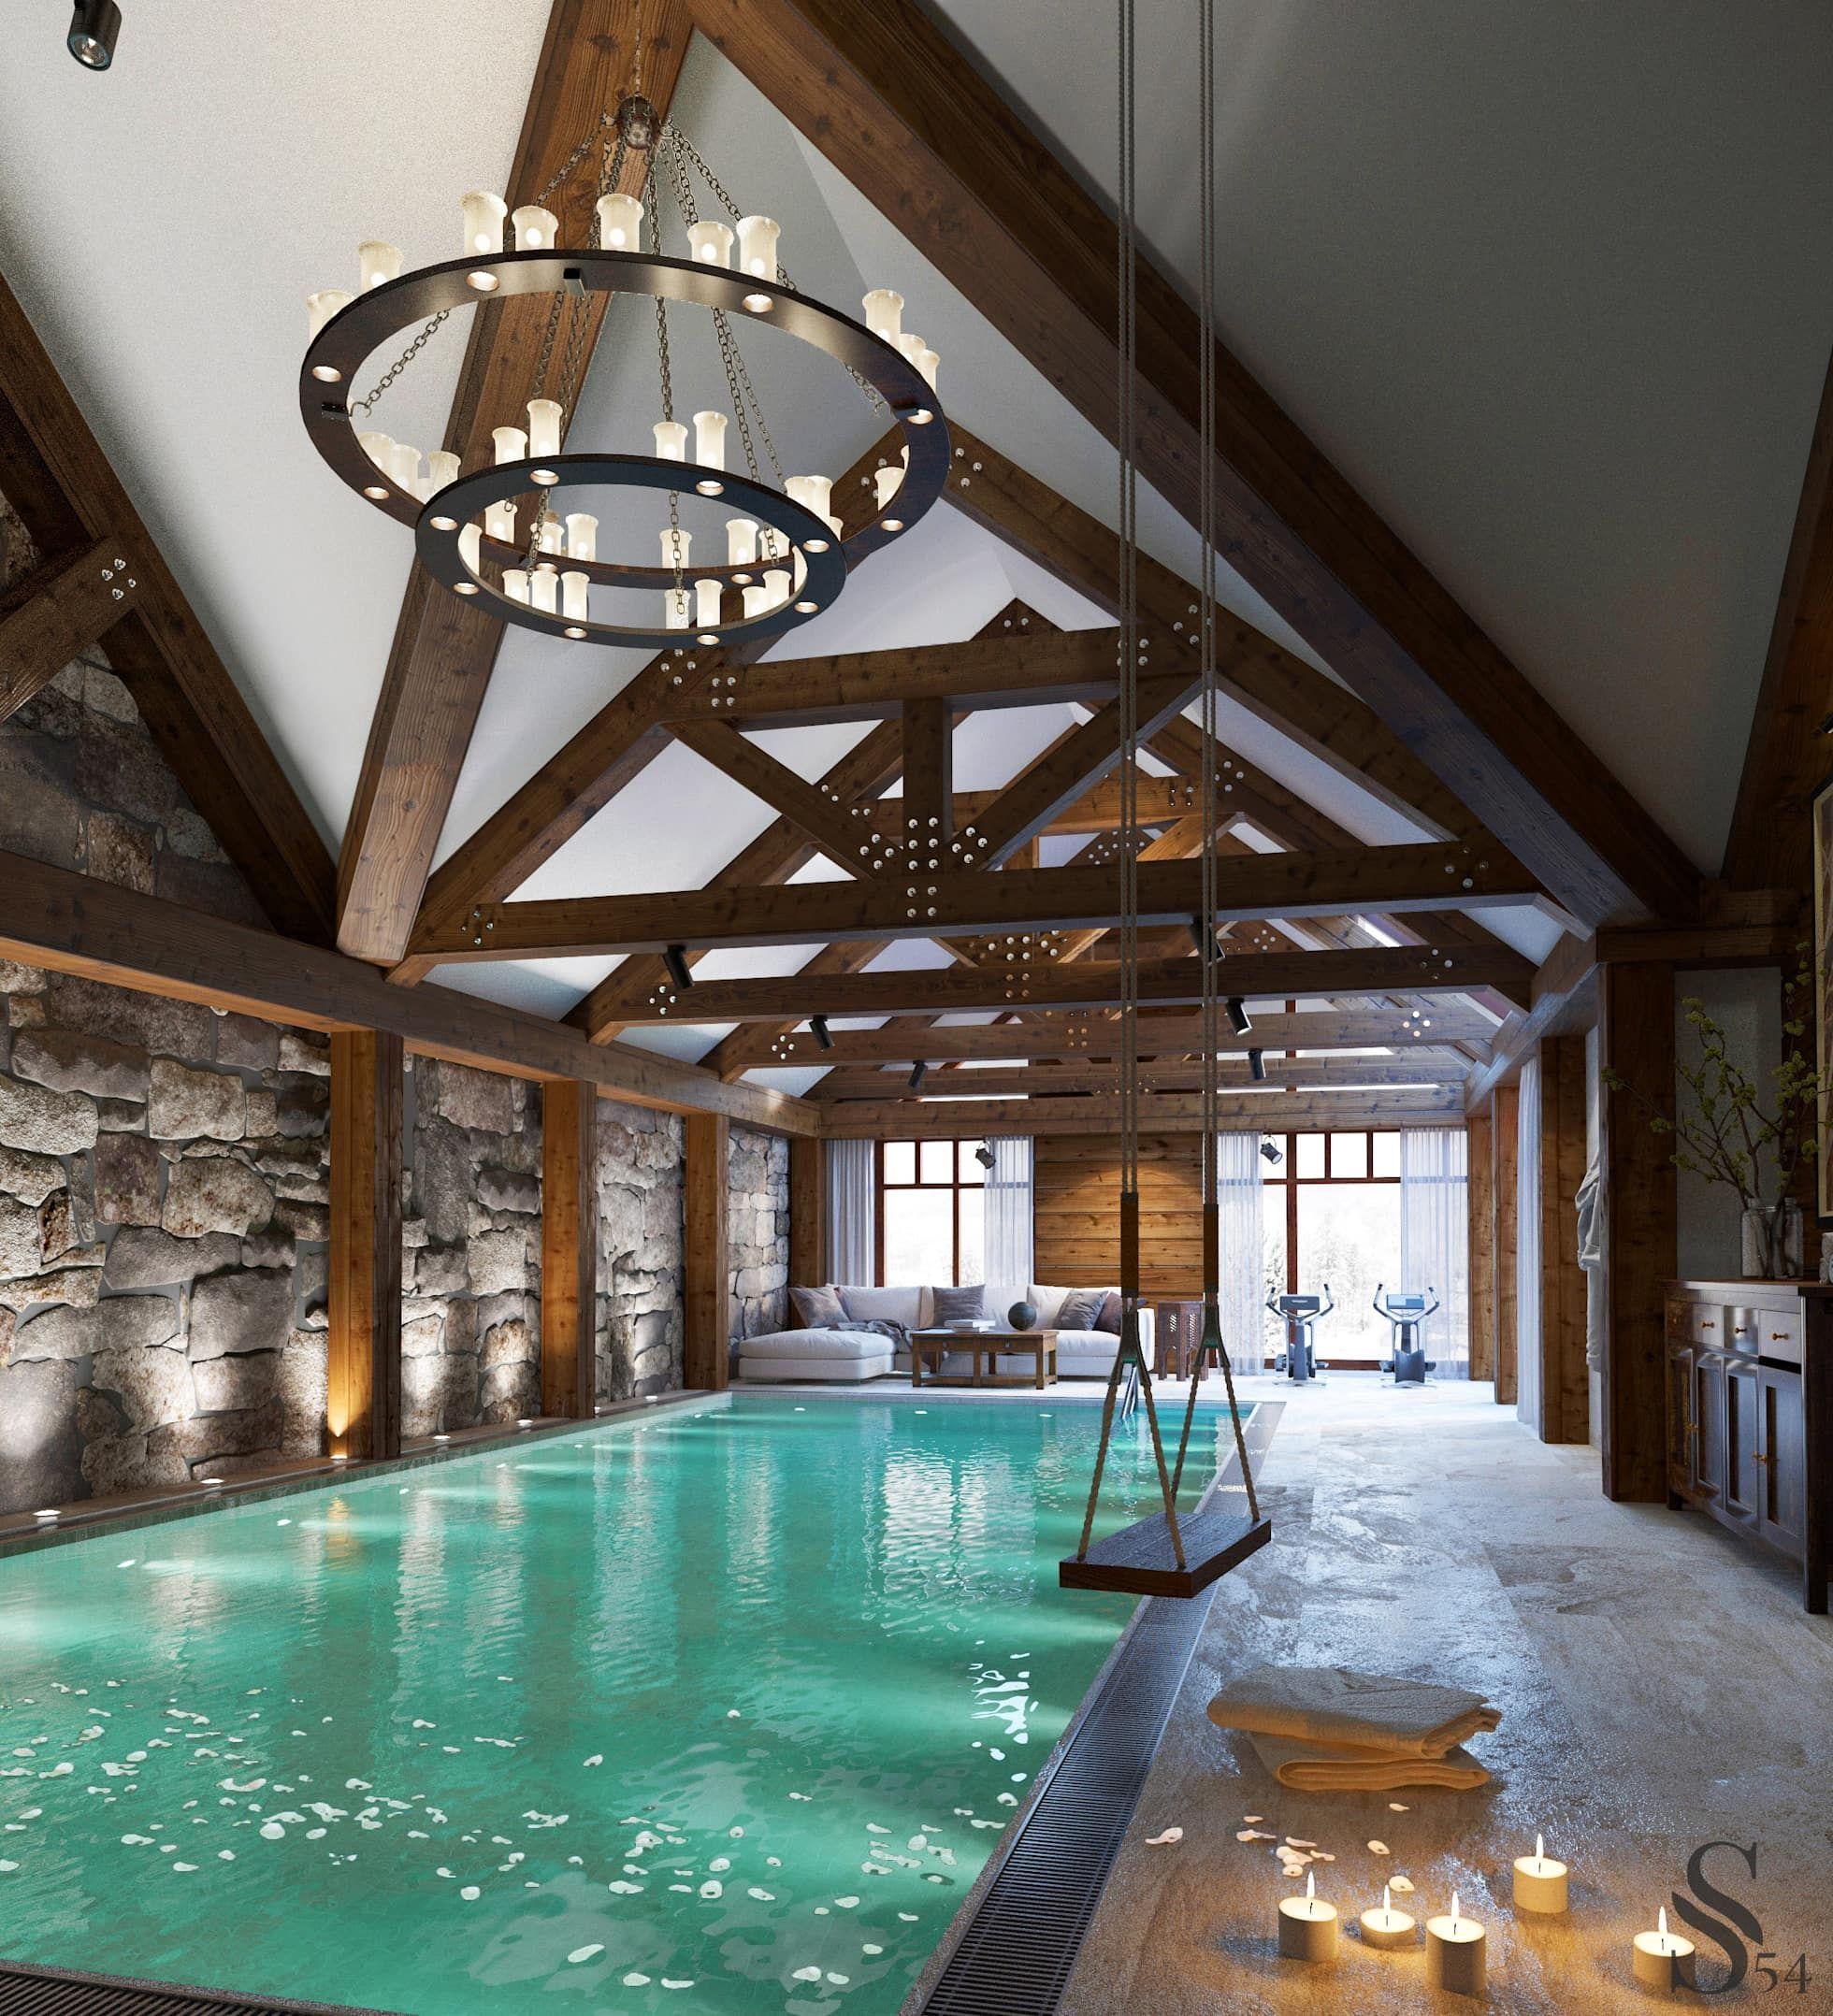 Dachgeschoss Schlafzimmer Design Und Das Beste Von: Häuser Mit Pool, Schlafzimmer